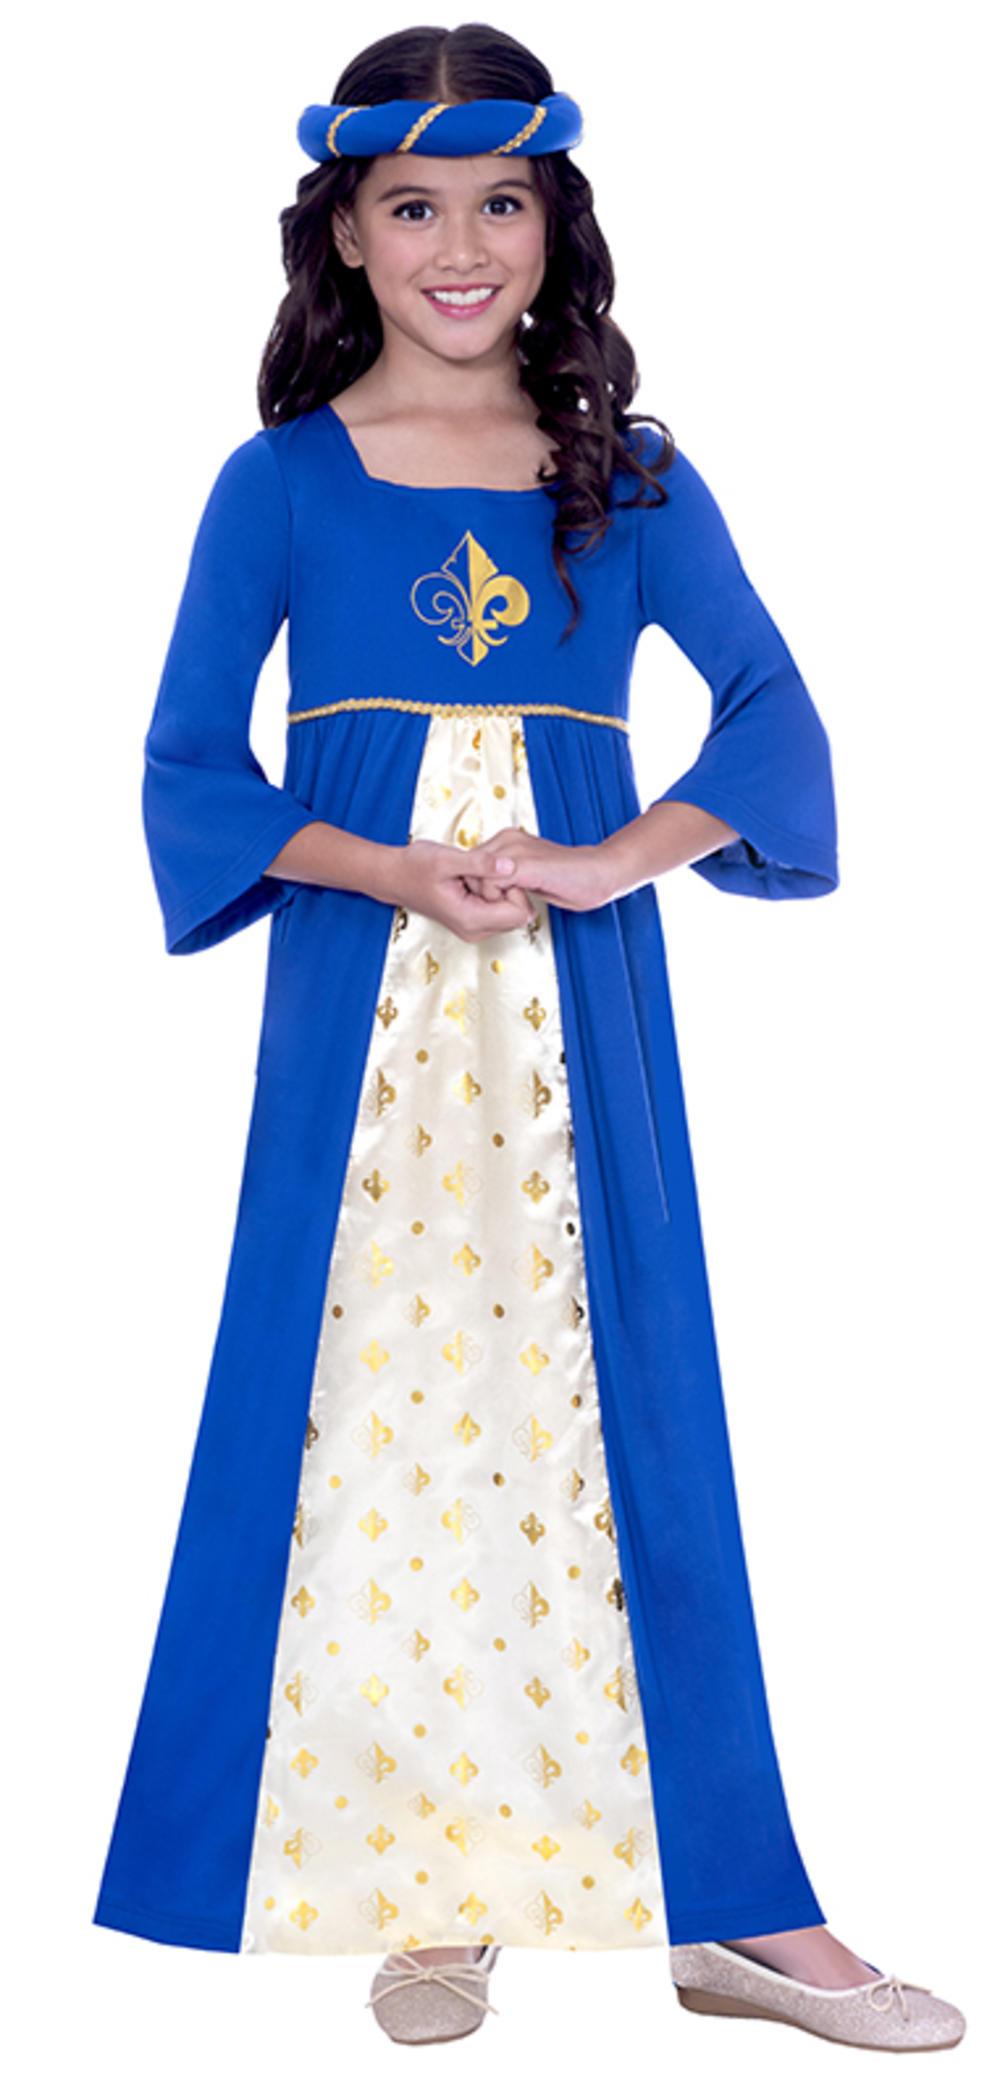 Blue Tudor Princess Girls Costume